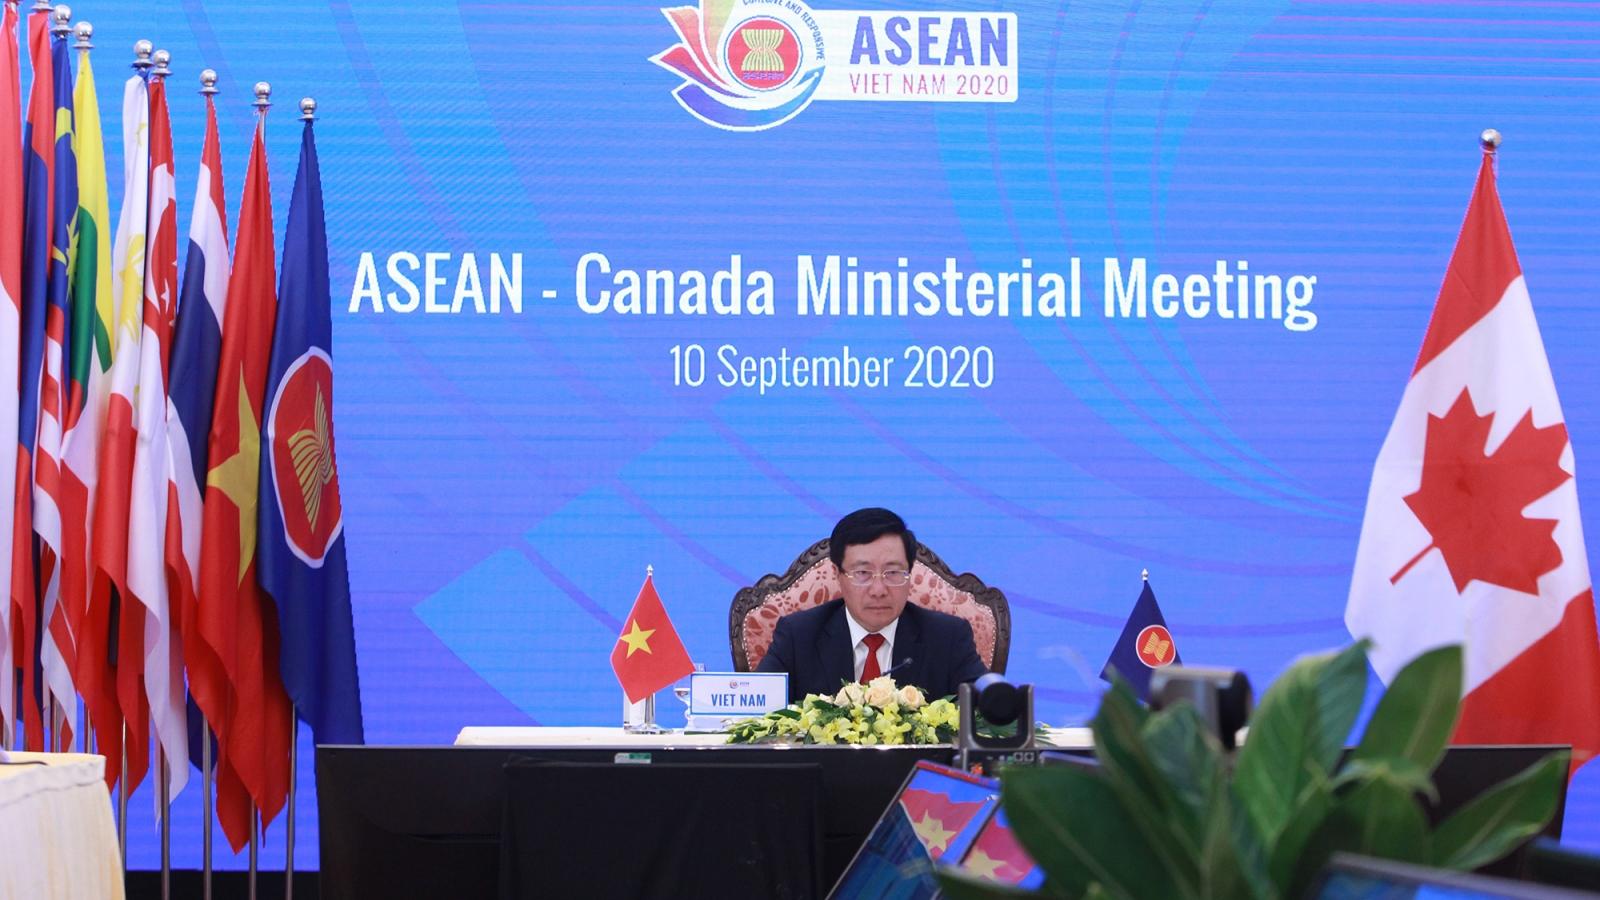 Hoa Kỳ, Canada ủng hộ ASEAN giải quyết vấn đề Biển Đông trên cơ sở luật pháp quốc tế